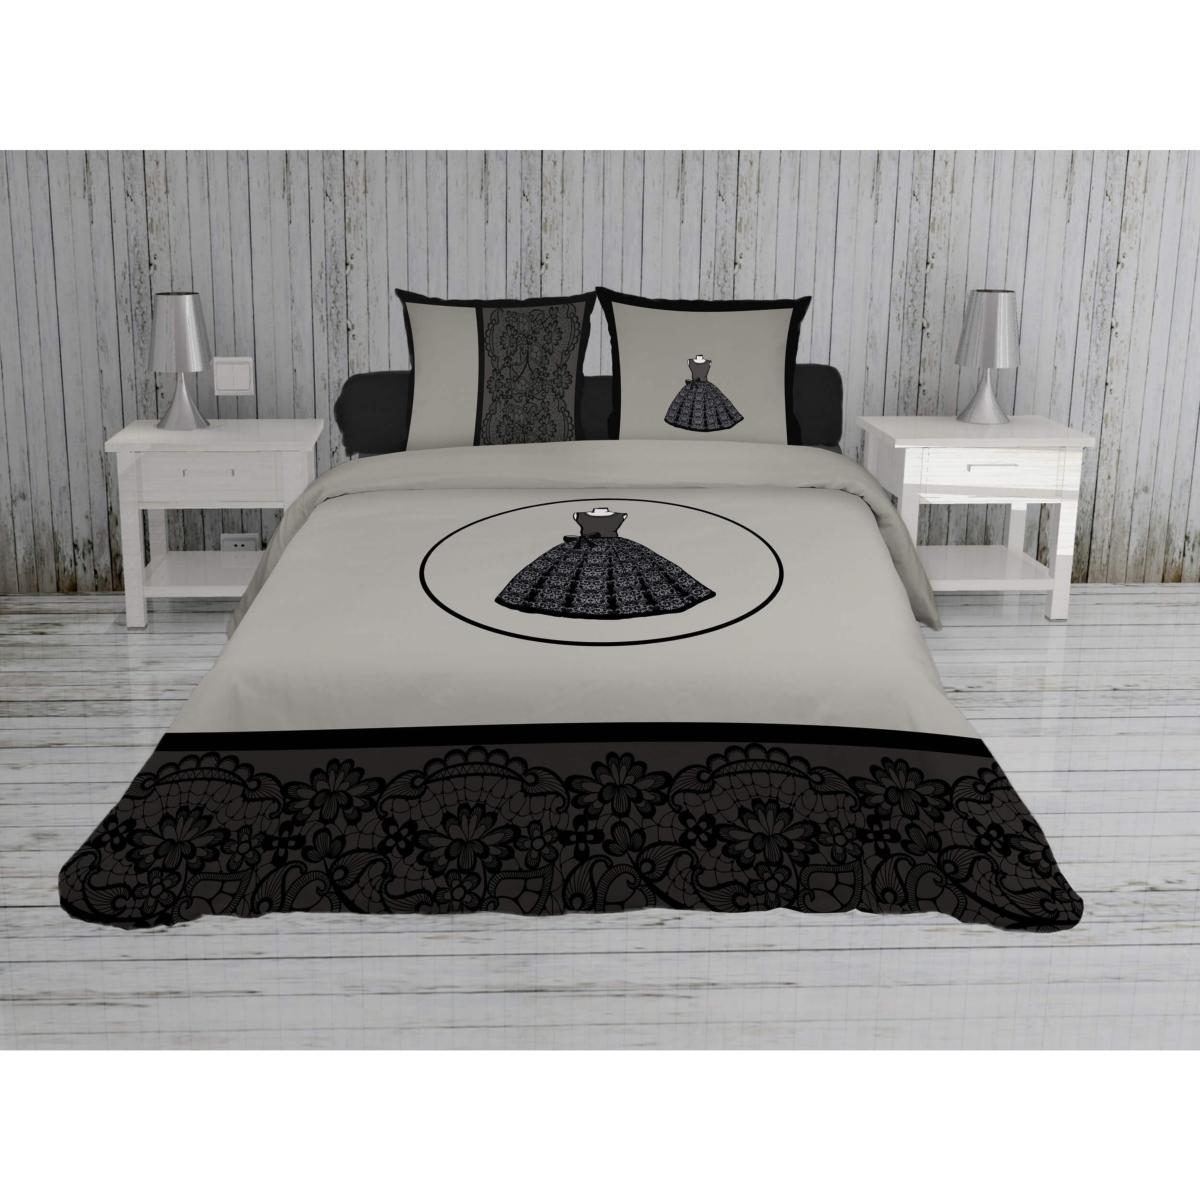 Housse De Couette Noir Blanc Gris housse de couette anais, petite robe noire, 220x240cm, 2 personnes, 100%  coton